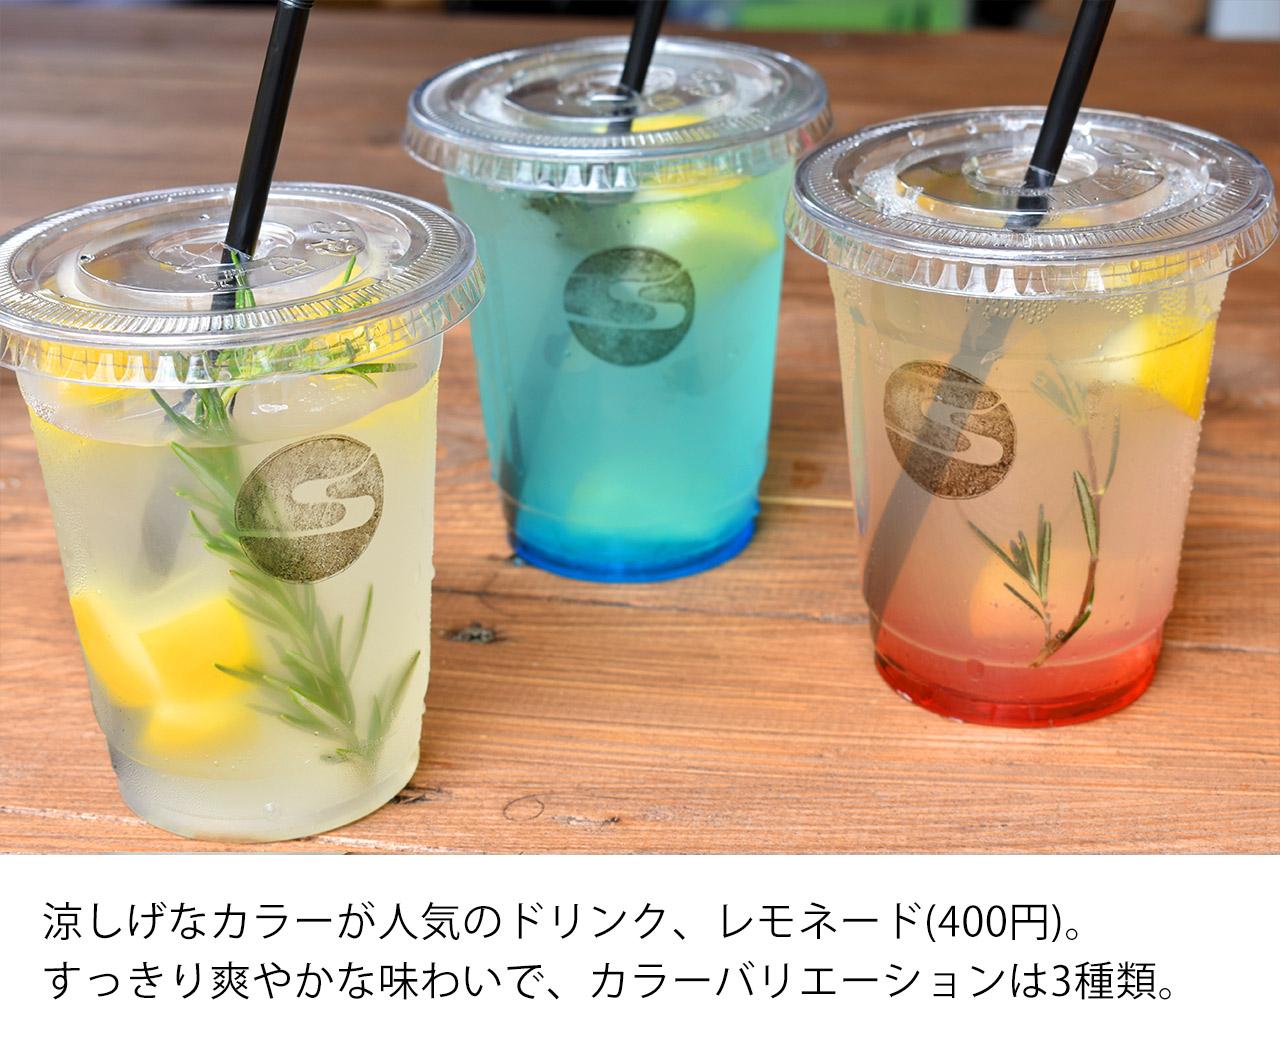 涼しげなカラーが人気のドリンク、レモネード(400円)。すっきり爽やかな味わいで、カラーバリエーションは3種類。